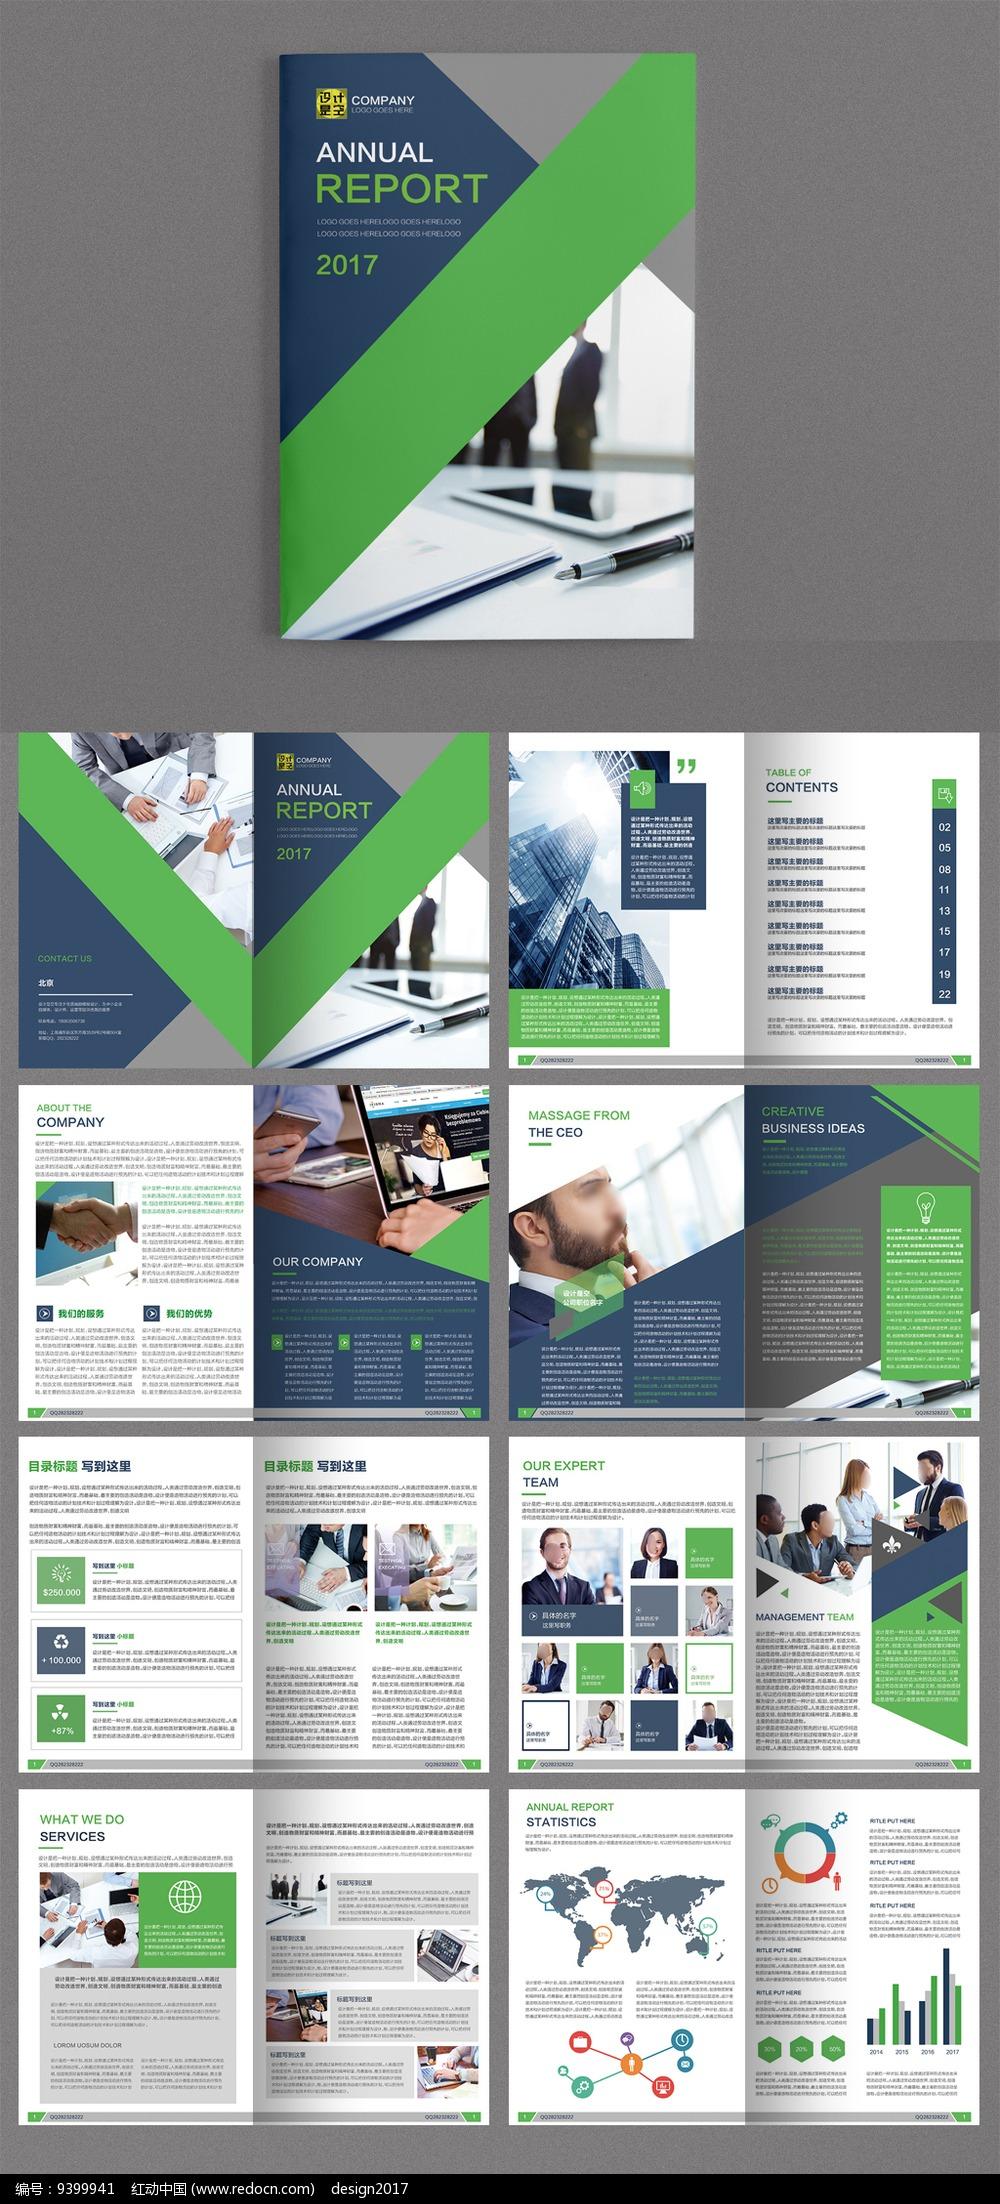 清新绿色商务企业宣传画册设计整套素材图片